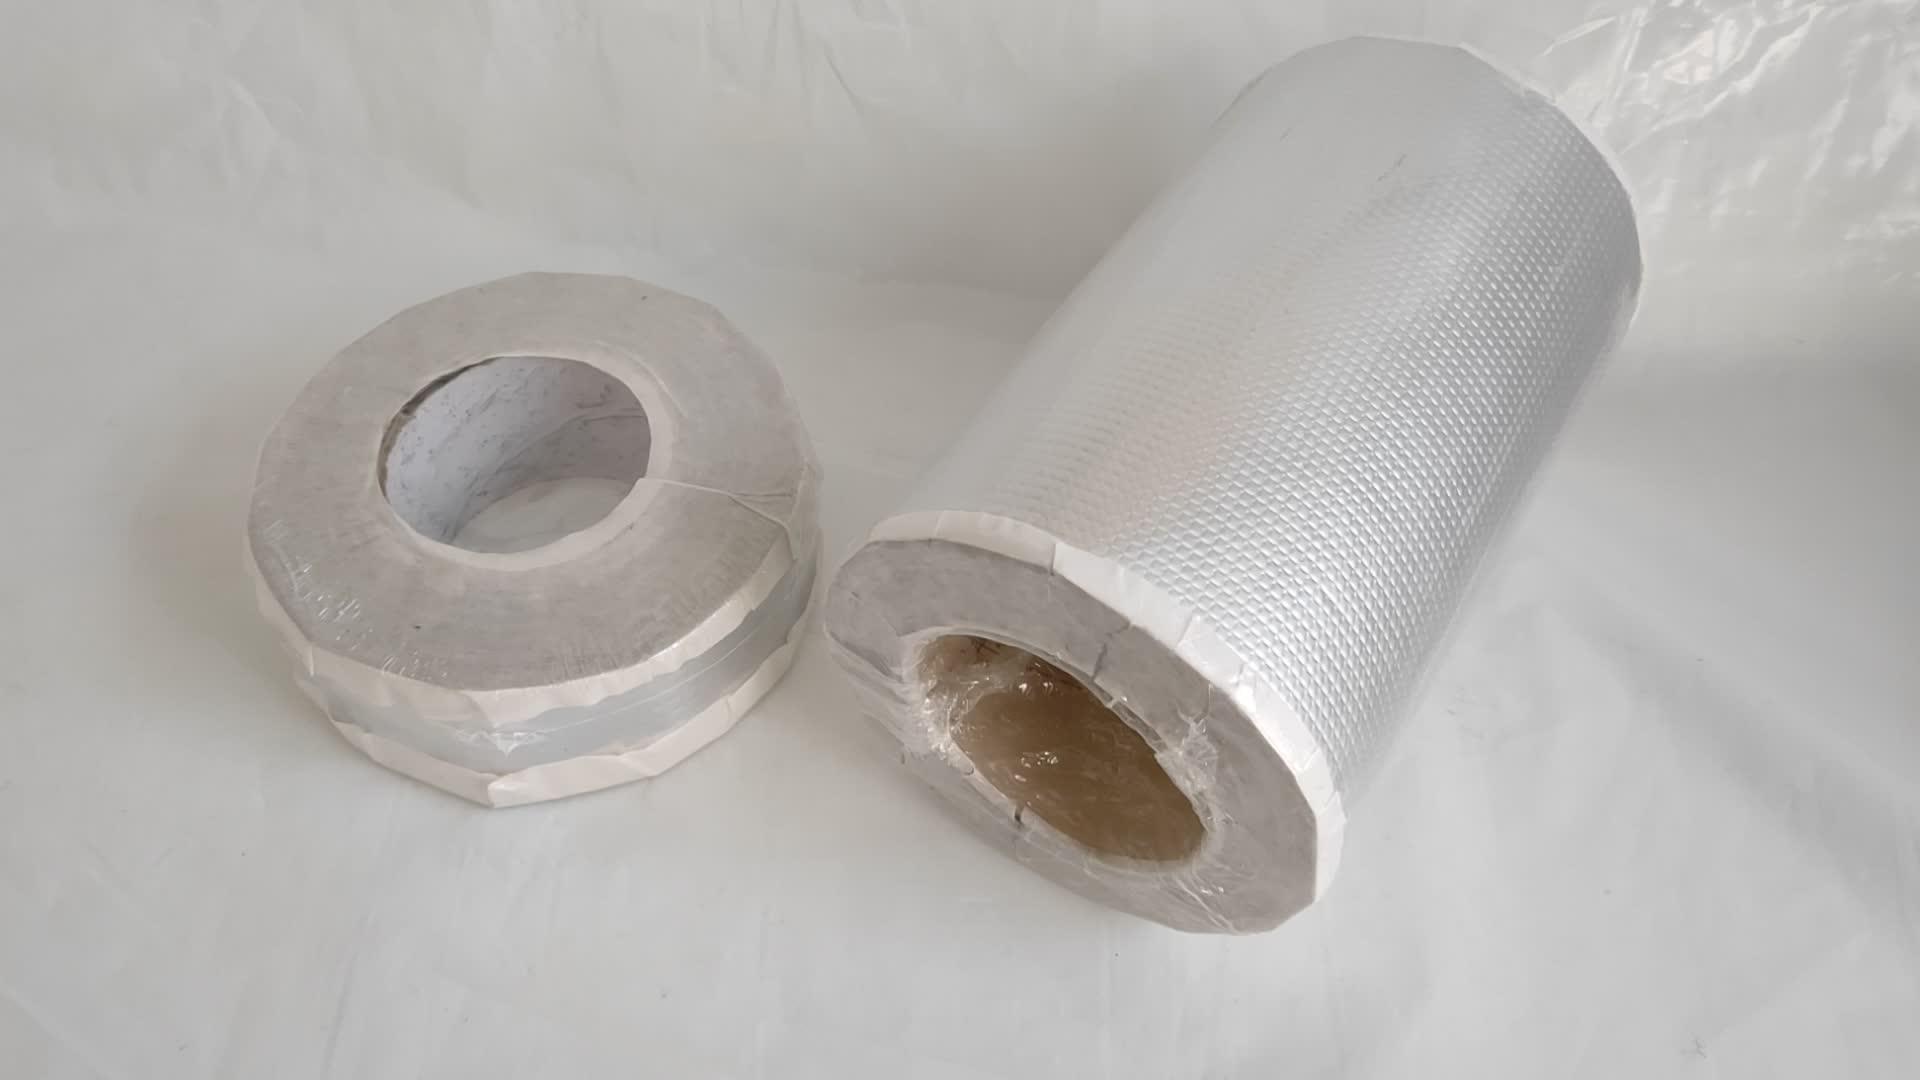 เทปกันน้ำอลูมิเนียมยางบิวทิลเหนียวที่มีประสิทธิภาพเป็นพิเศษสำหรับแผ่นเหล็กสี